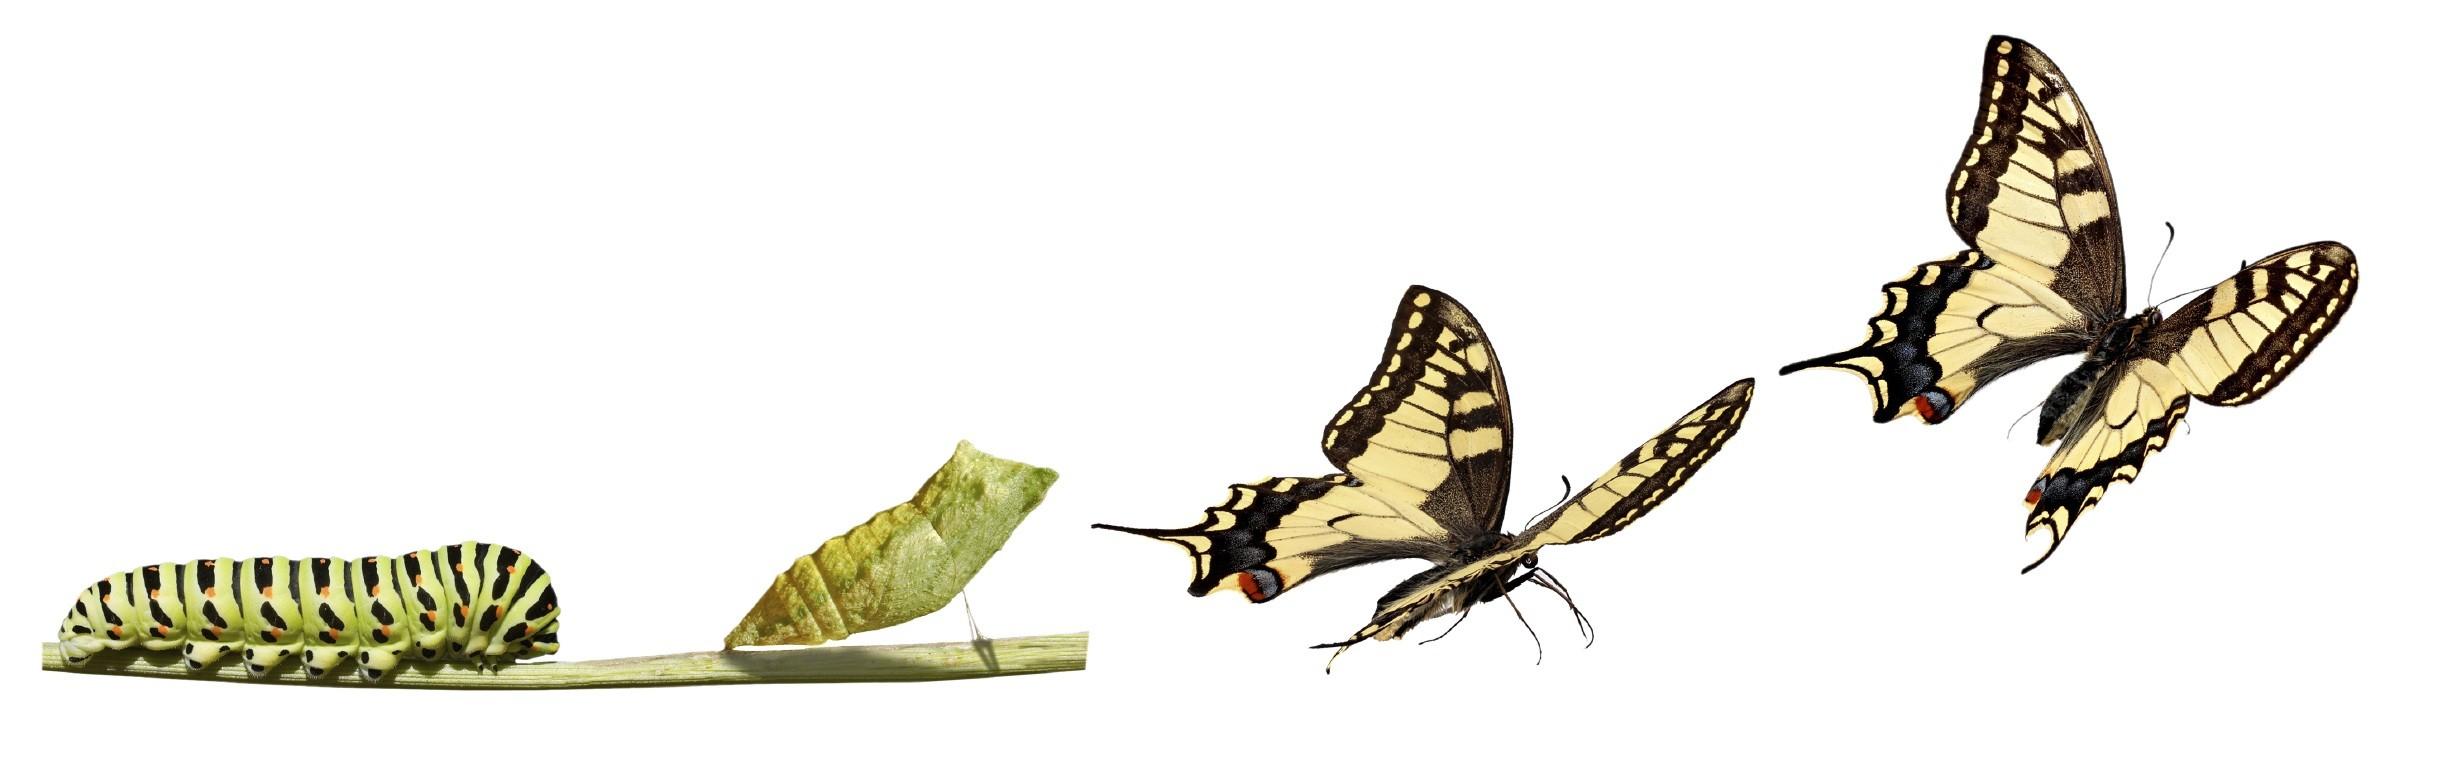 butterfly-morph_9820211.jpg